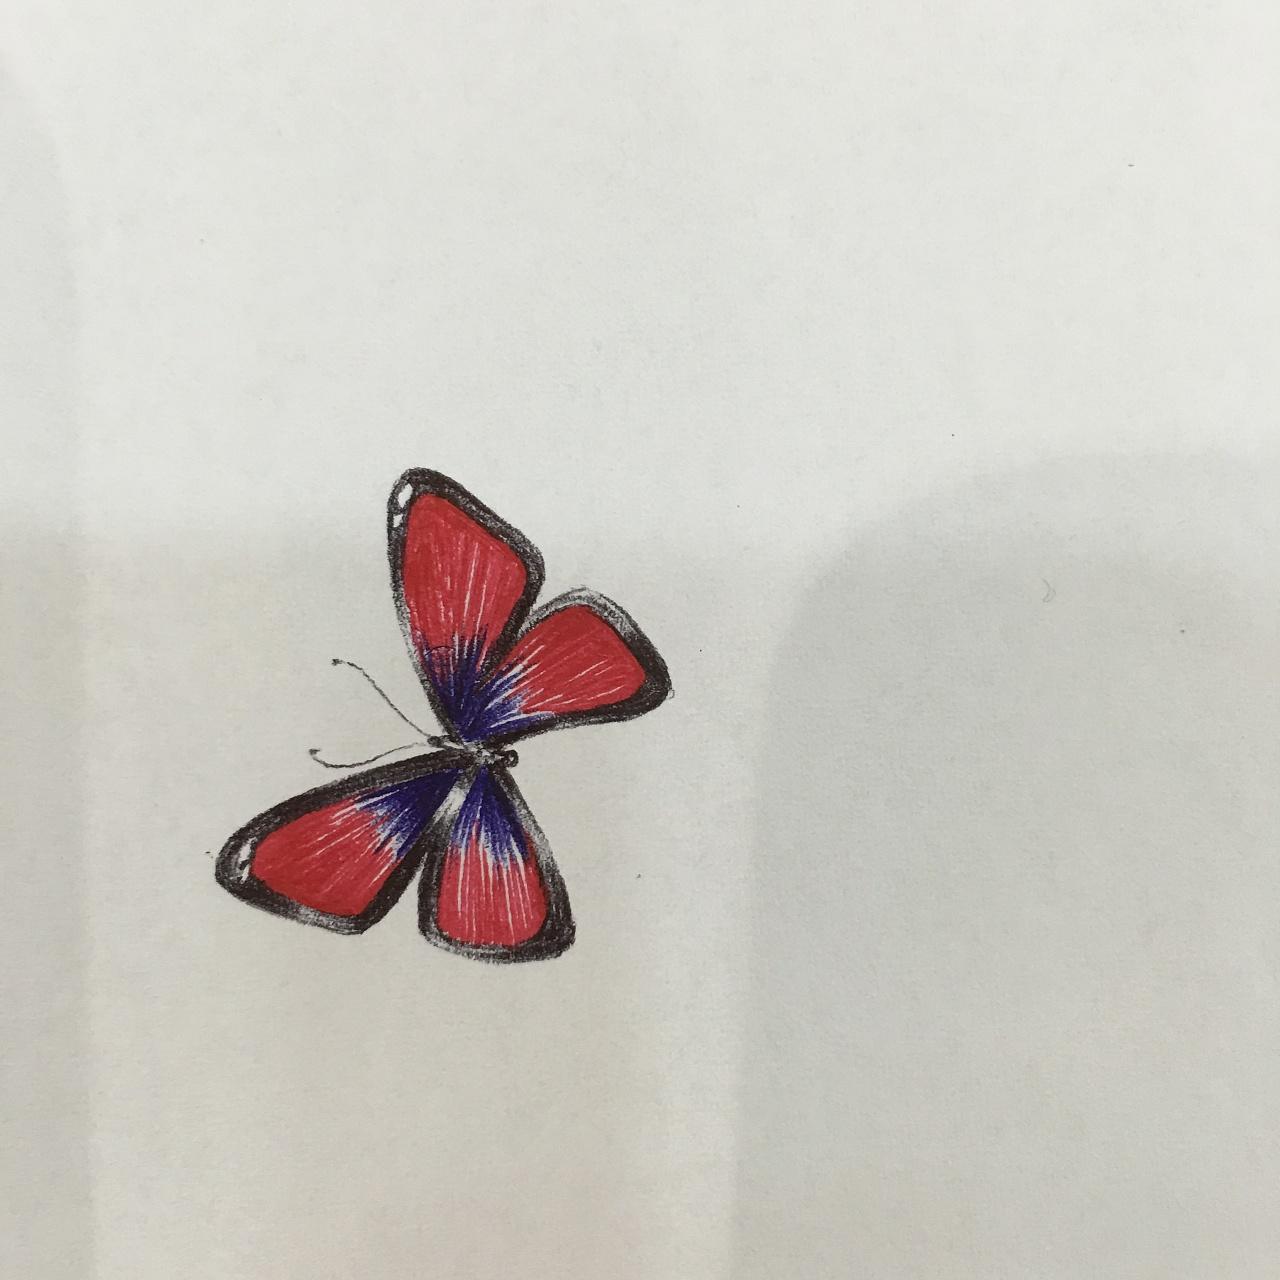 小蝴蝶图片 340712 1280x1280